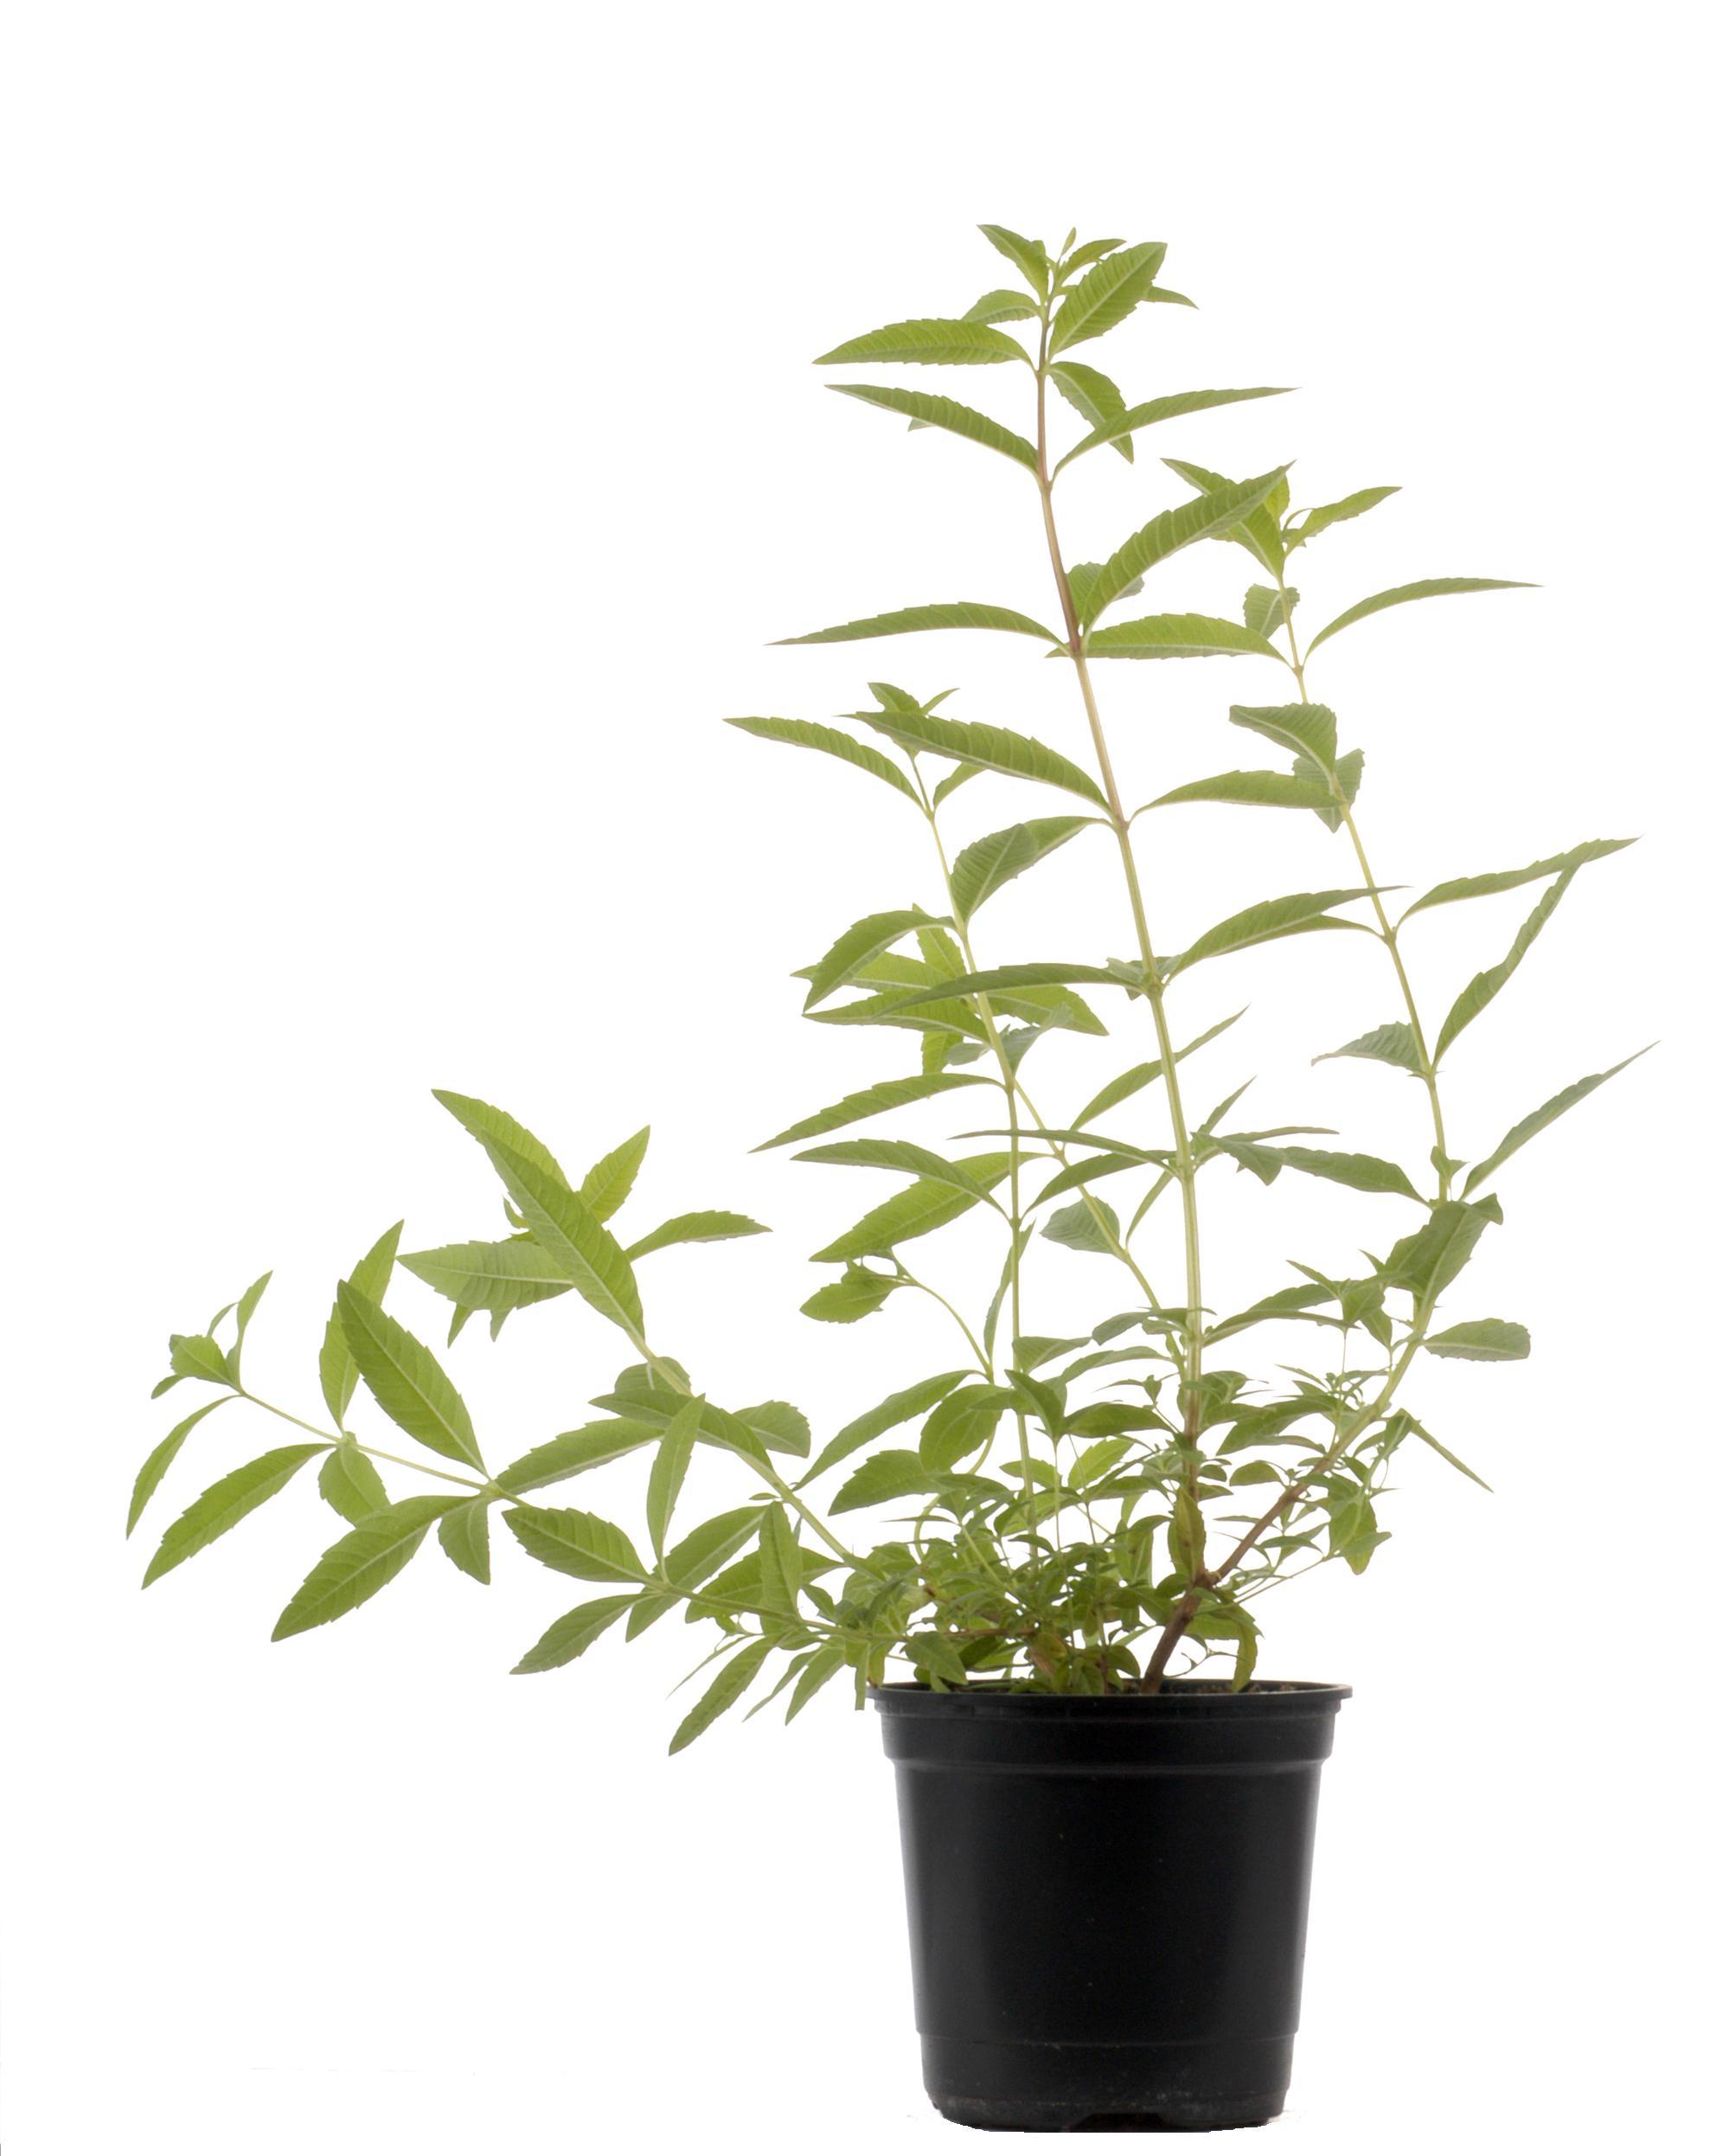 saint remy basilic producteurs distributeurs de plantes aromatiques de provence une famille. Black Bedroom Furniture Sets. Home Design Ideas